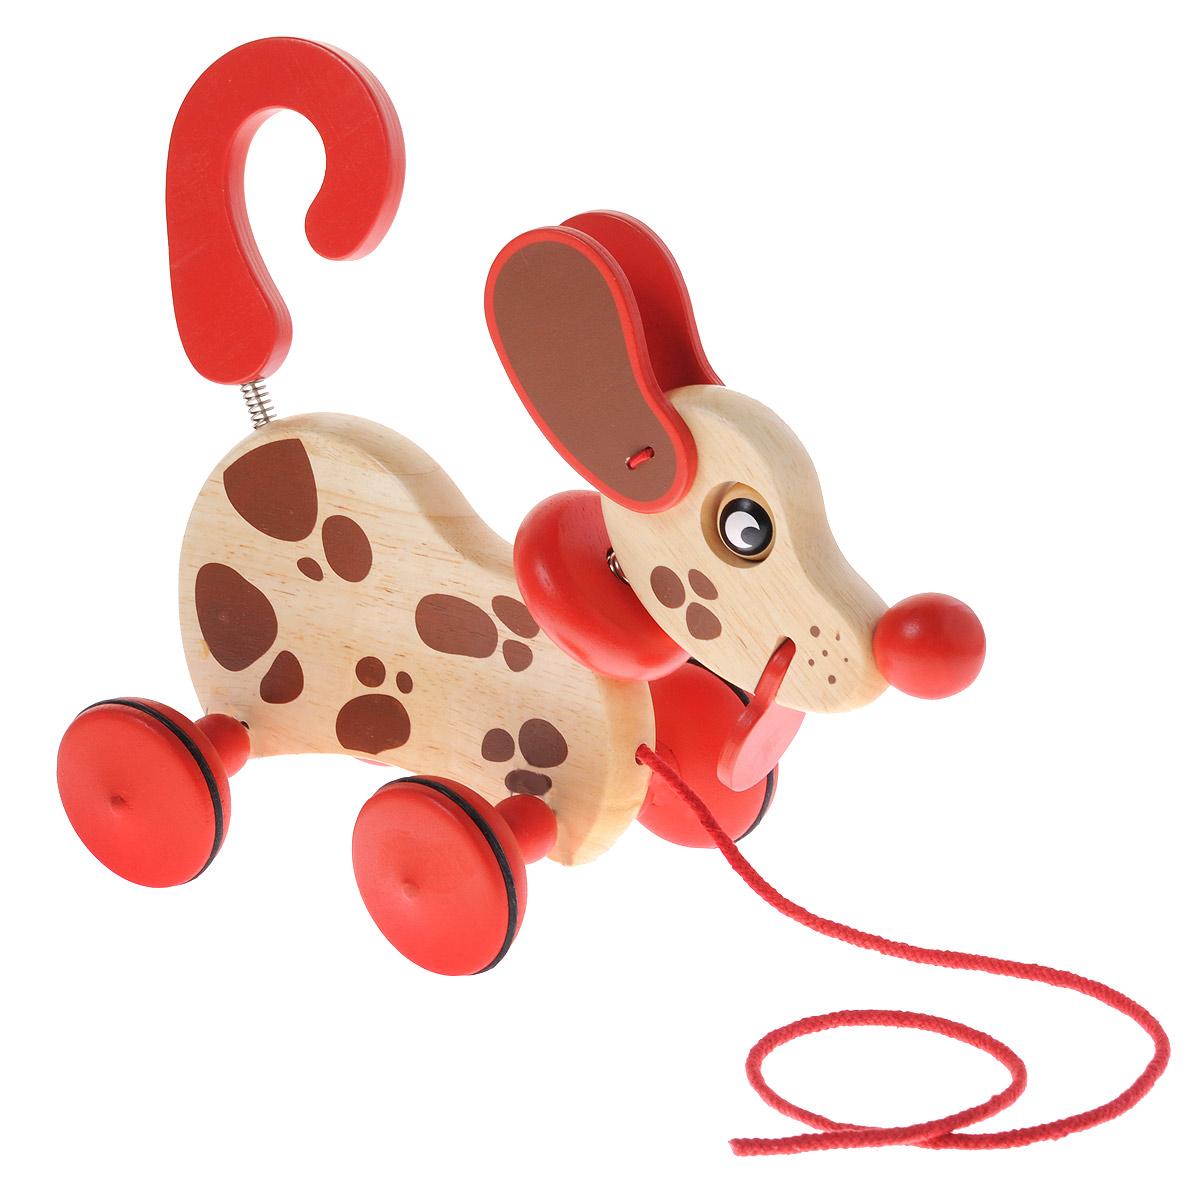 Djeco Деревянная игрушка-каталка Собака Бровни06331Деревянная игрушка-каталка Djeco Собака Бровни непременно понравится вашему малышу и подойдет для игры как дома, так и на свежем воздухе. Она выполнена из дерева с использованием нетоксичных красок в виде забавной собачки с головкой и хвостиком на металлических пружинках. Края игрушки закруглены, чтобы избежать вероятности травмирования. Ушки, глазки и язык собачки подвижны. Каталка оснащена четырьмя колесиками с резиновыми вставками, дающими игрушке дополнительную устойчивость. За текстильный шнурок малыш сможет возить собачку за собой. Игрушка-каталка Djeco Собака Бровни развивает пространственное мышление, цветовое восприятие, ловкость, равновесие и координацию движений.